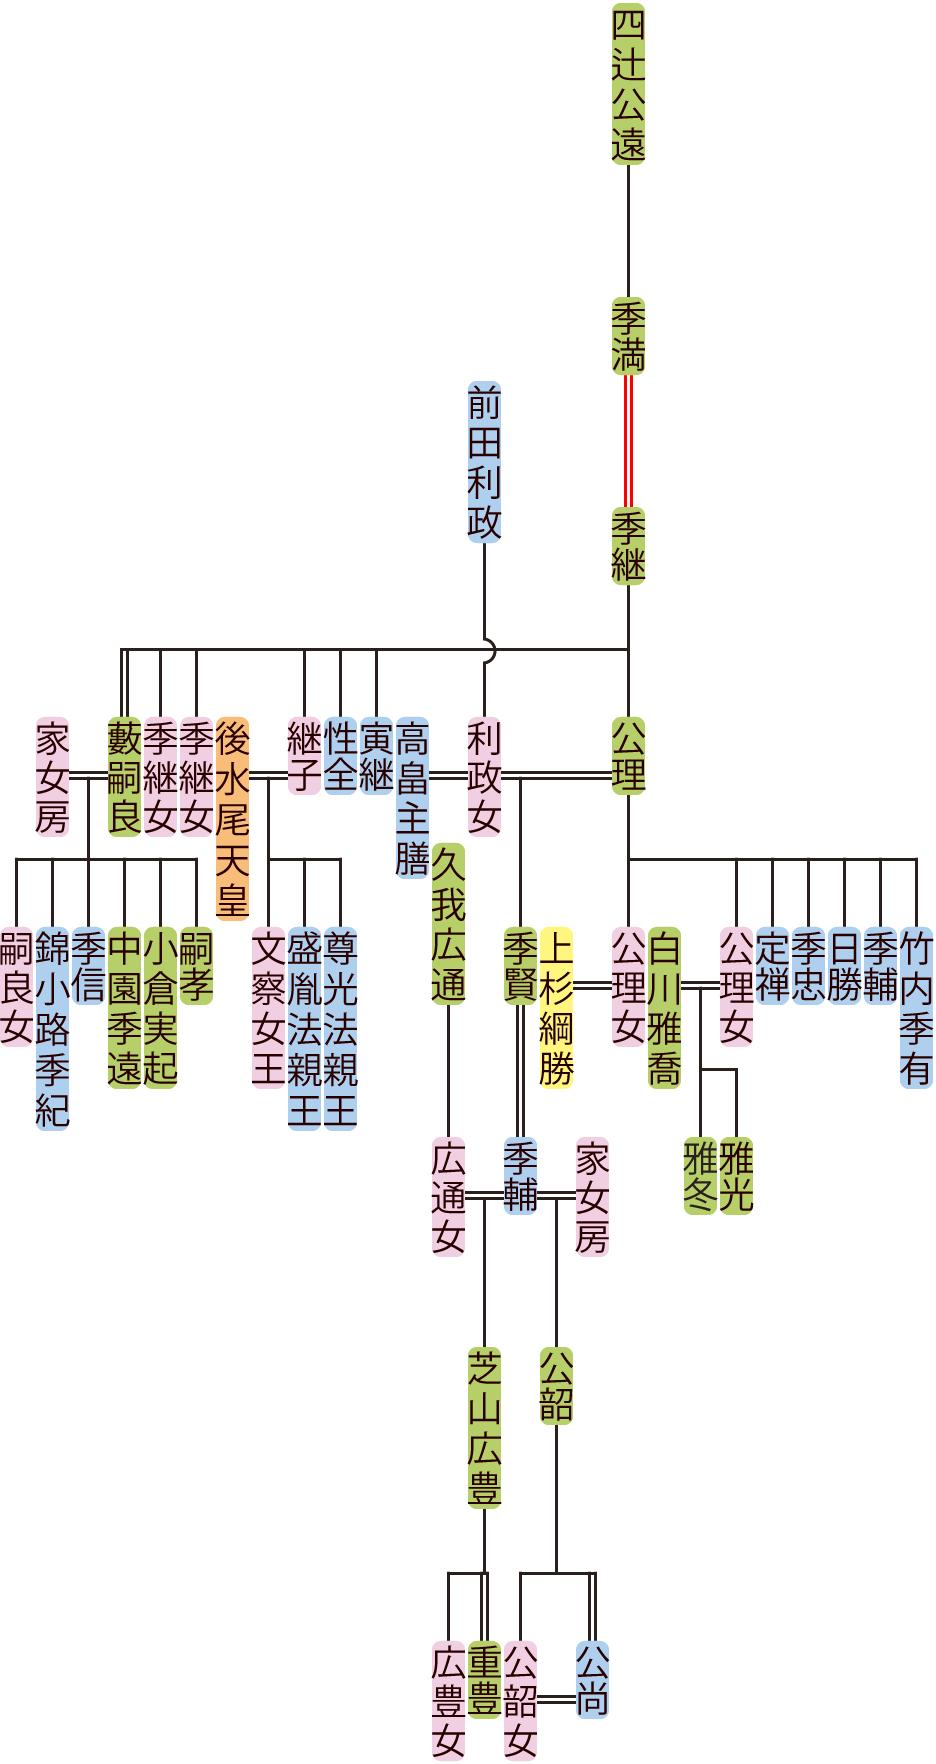 四辻季継~季輔の系図